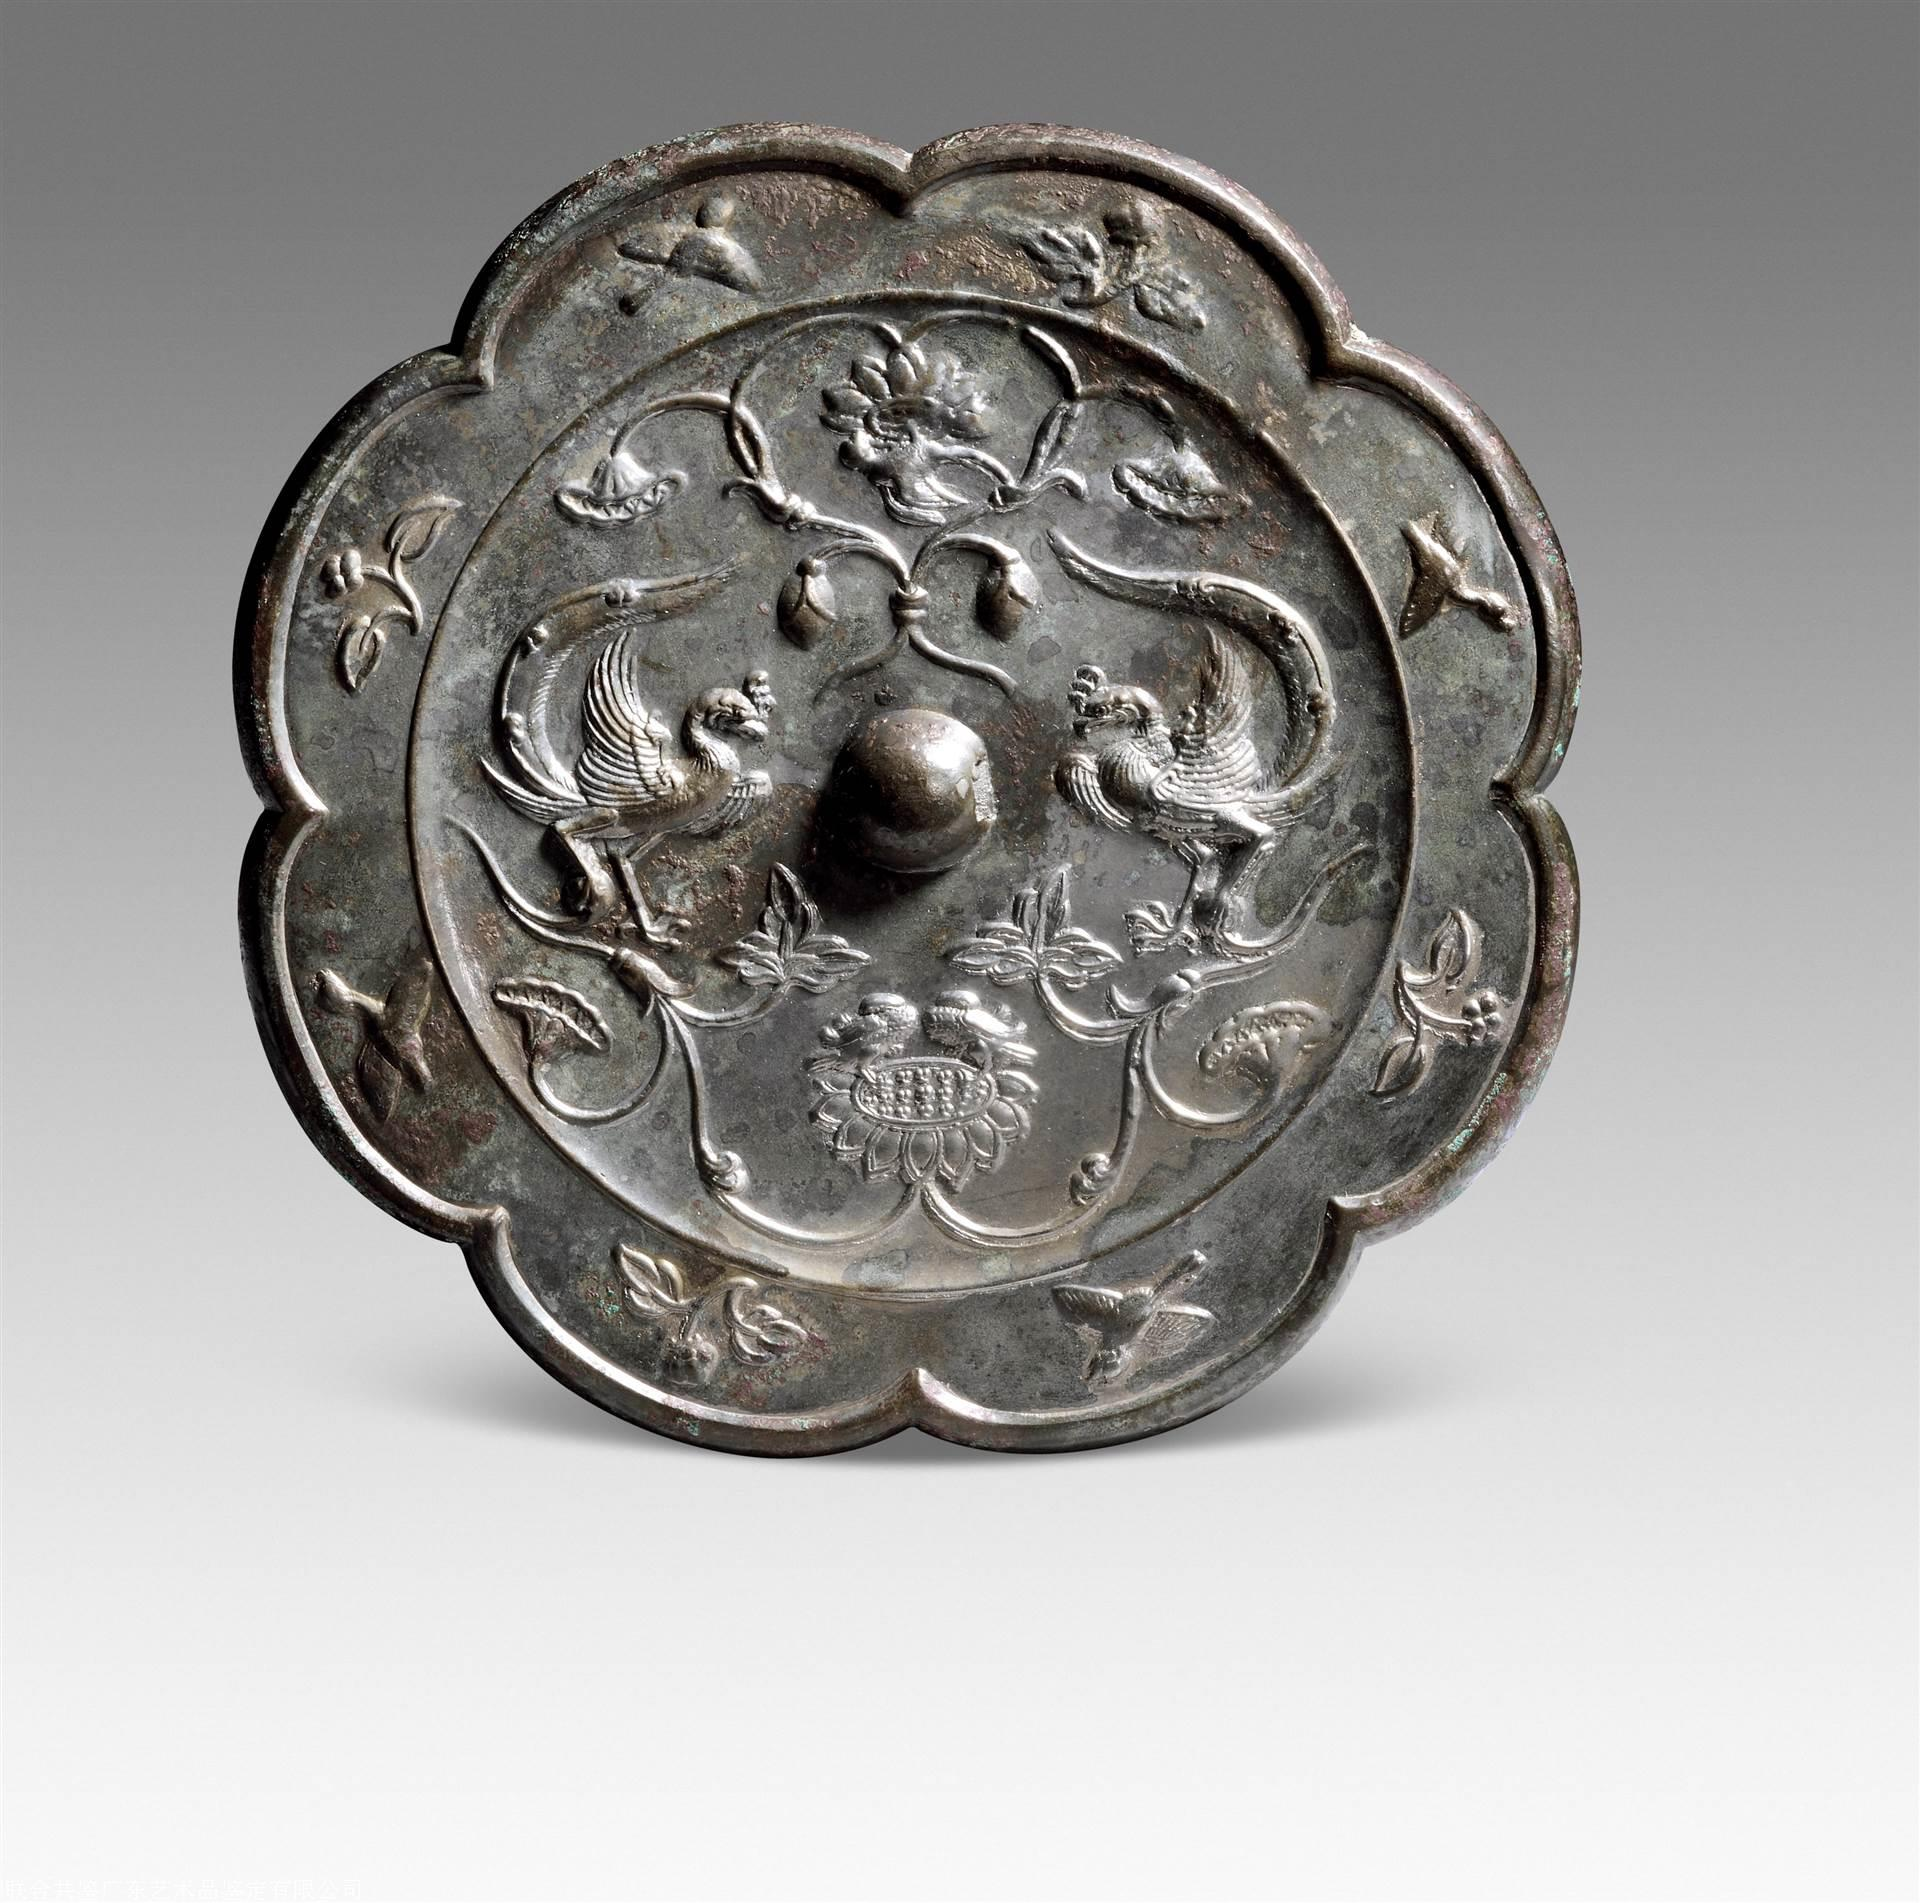 铜镜鉴定 联合共鉴艺术品鉴定中心:双鸾鸳鸯镜